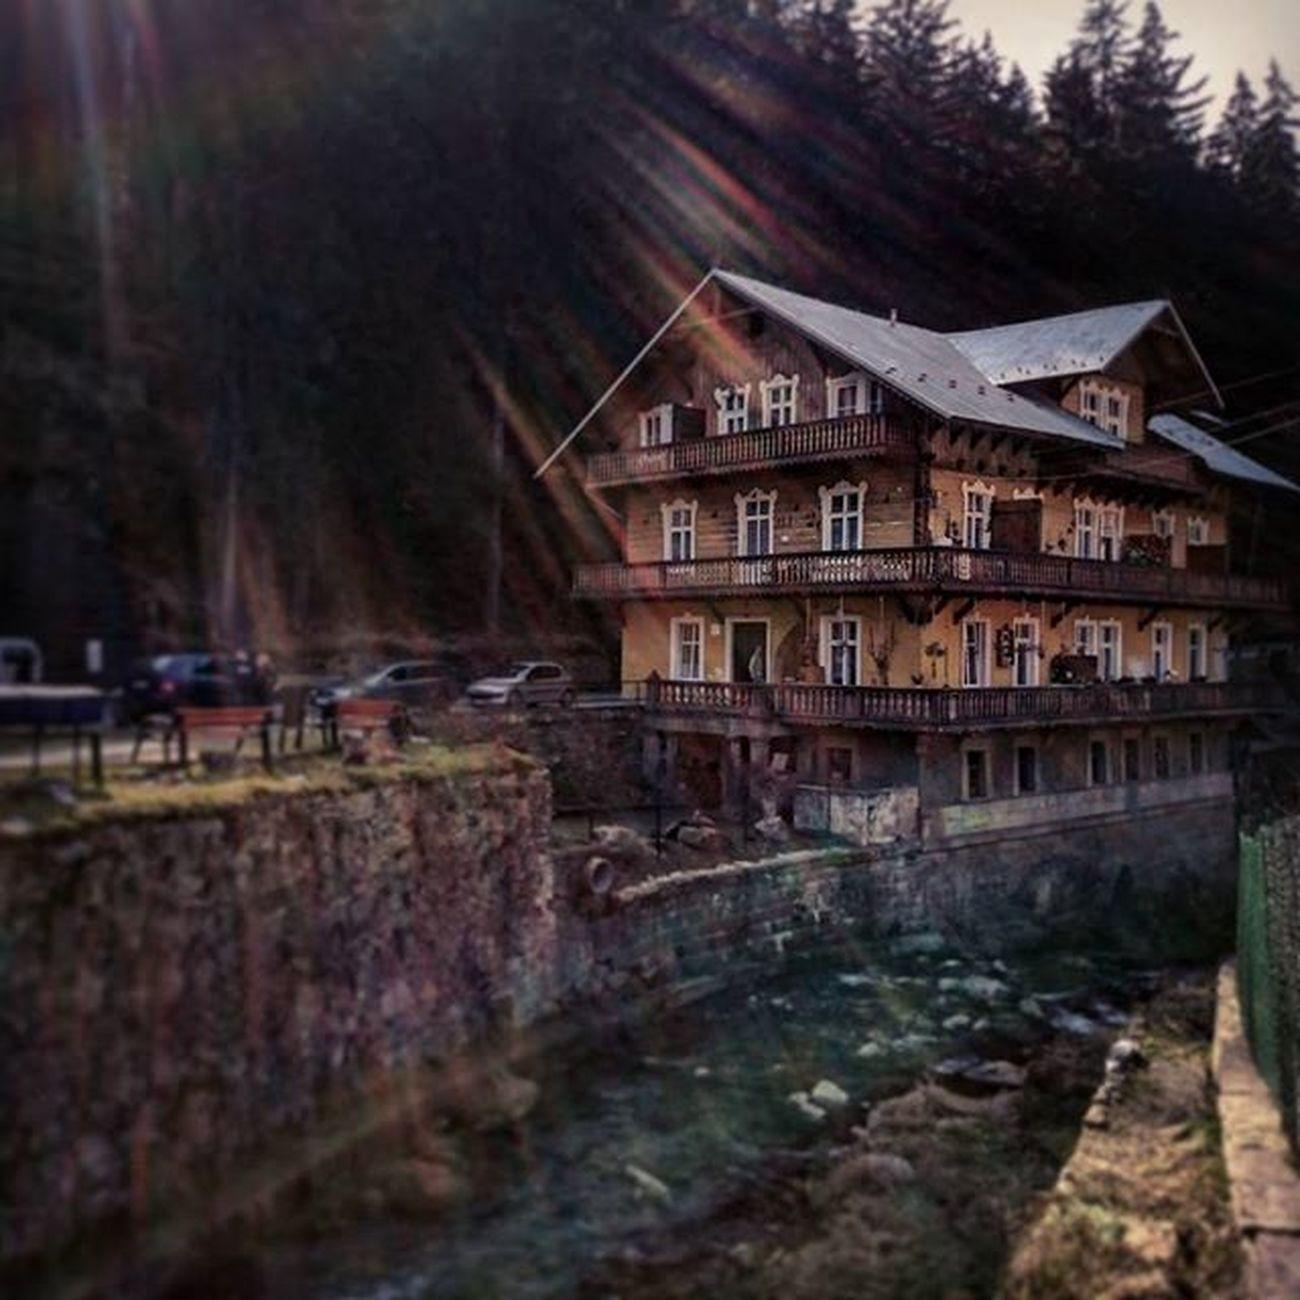 Miedzygorze Gory Pensjonat Rzeka Wiosna Słonecznie Architektura Pension River Spring Sunny Sunshine Architecture